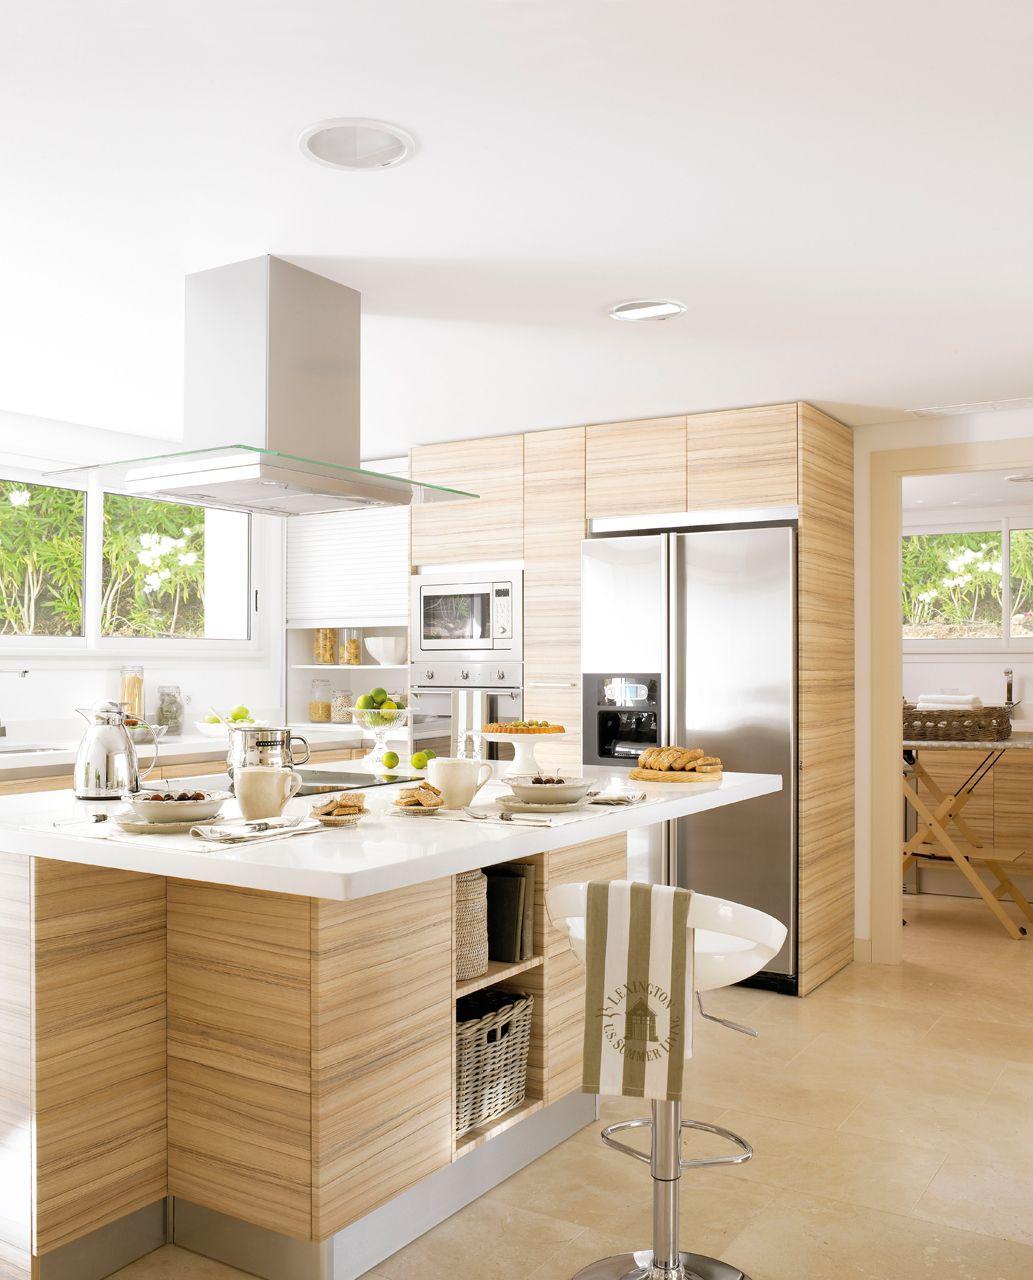 9 Cocinas Muy Calidas Con Muebles De Madera Ideas Hogar Cocina